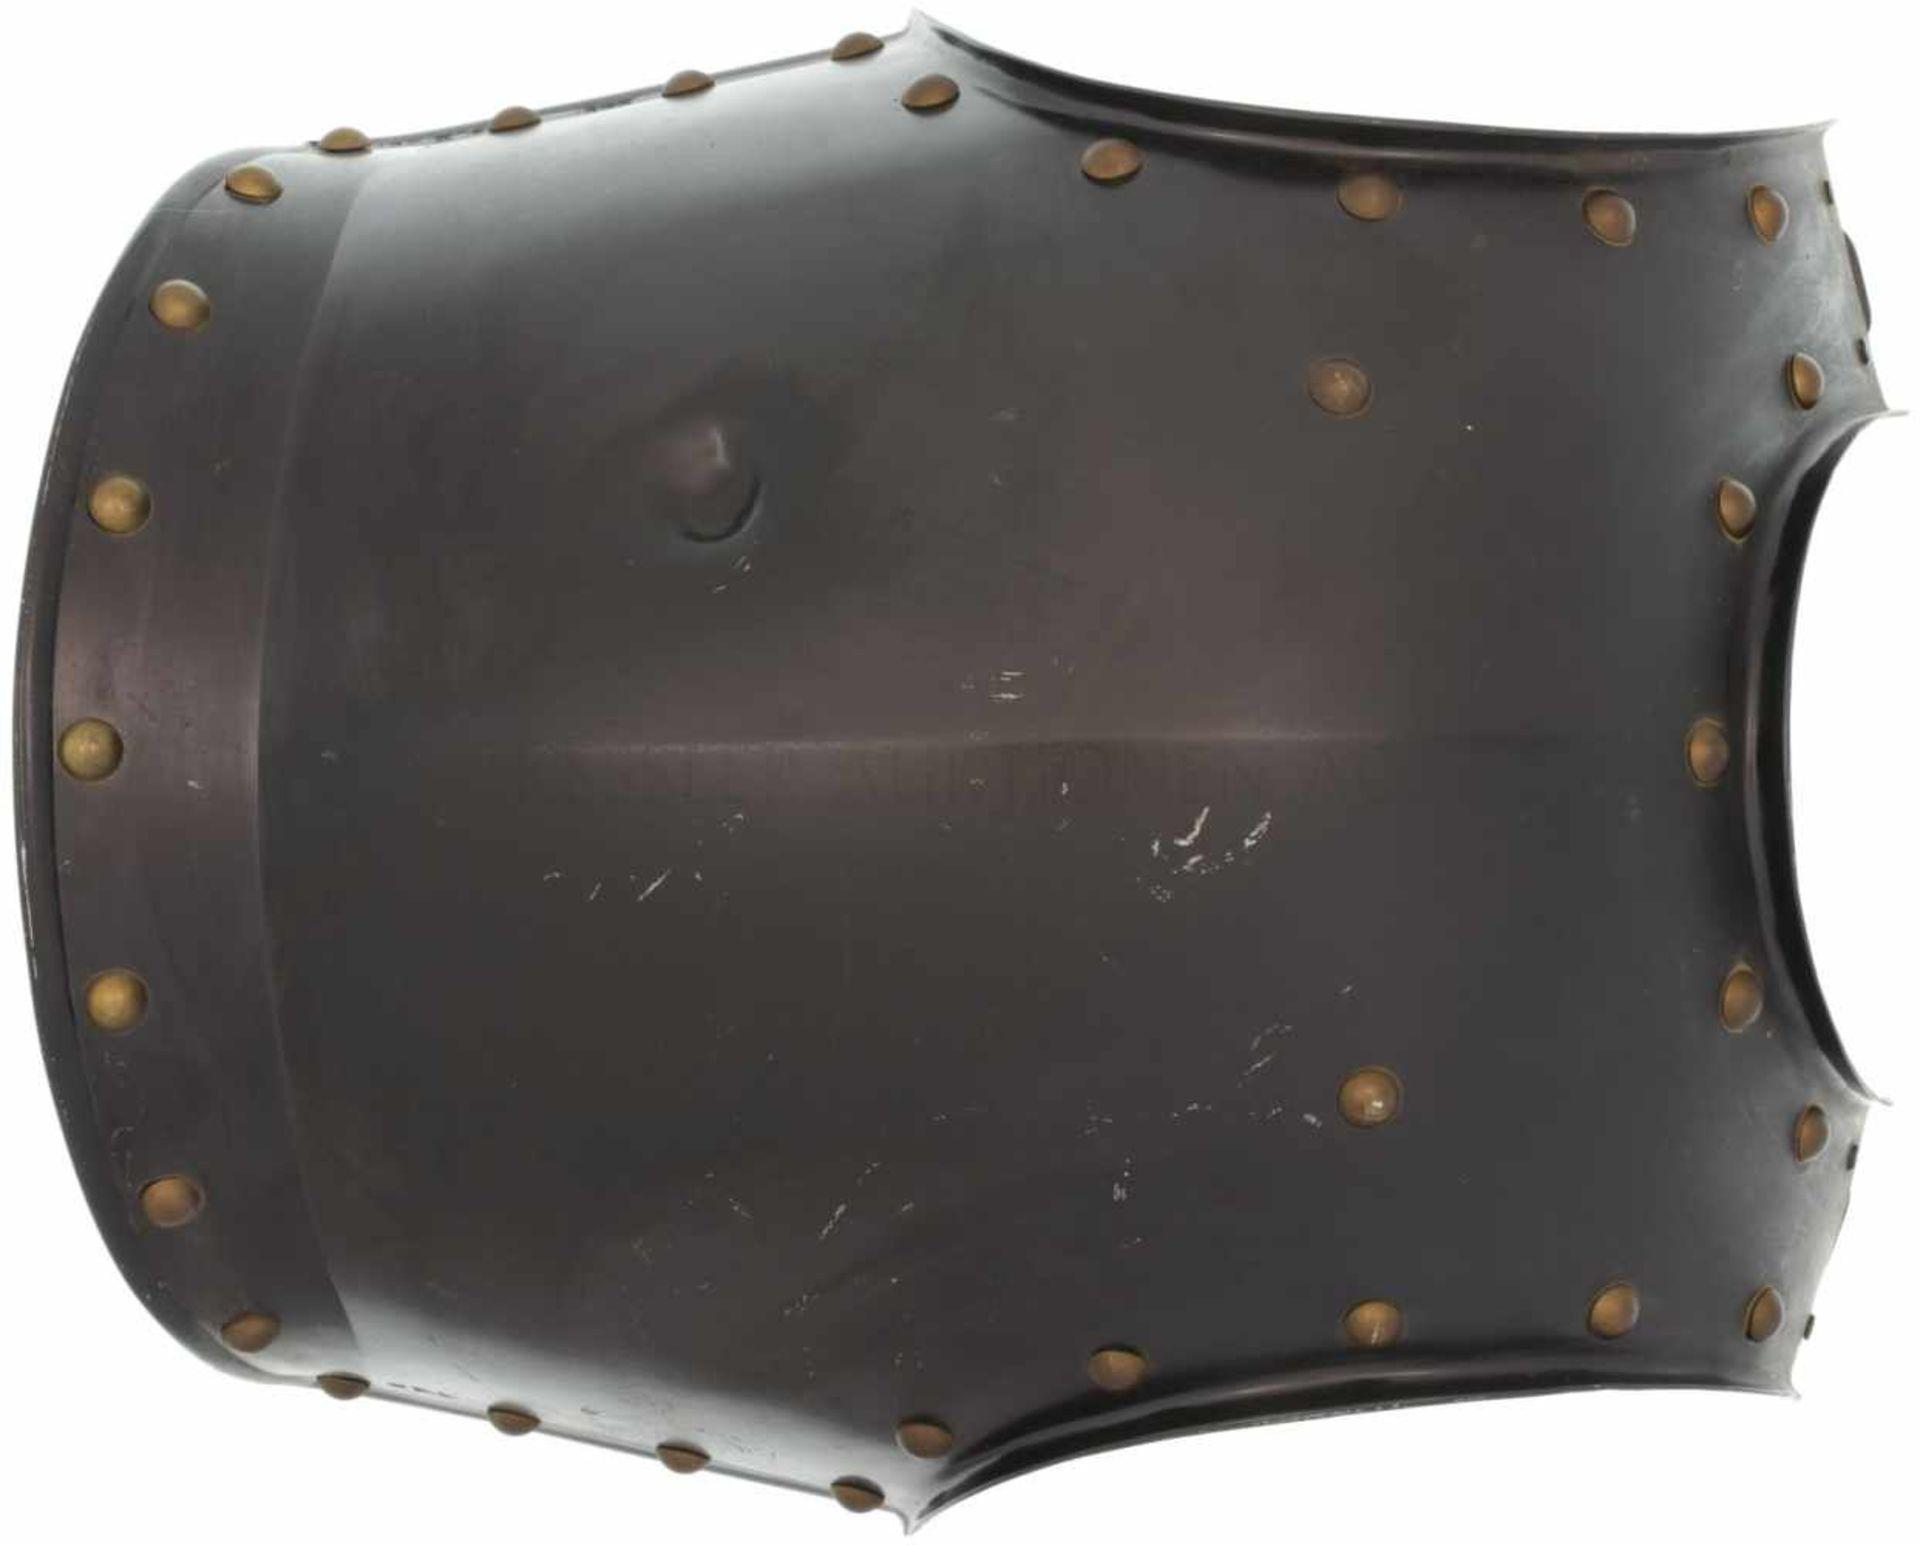 Brustschild eines Mannschaftskürass, KRUPP, Preusen um 1845 Schwarz lackierter stählerner